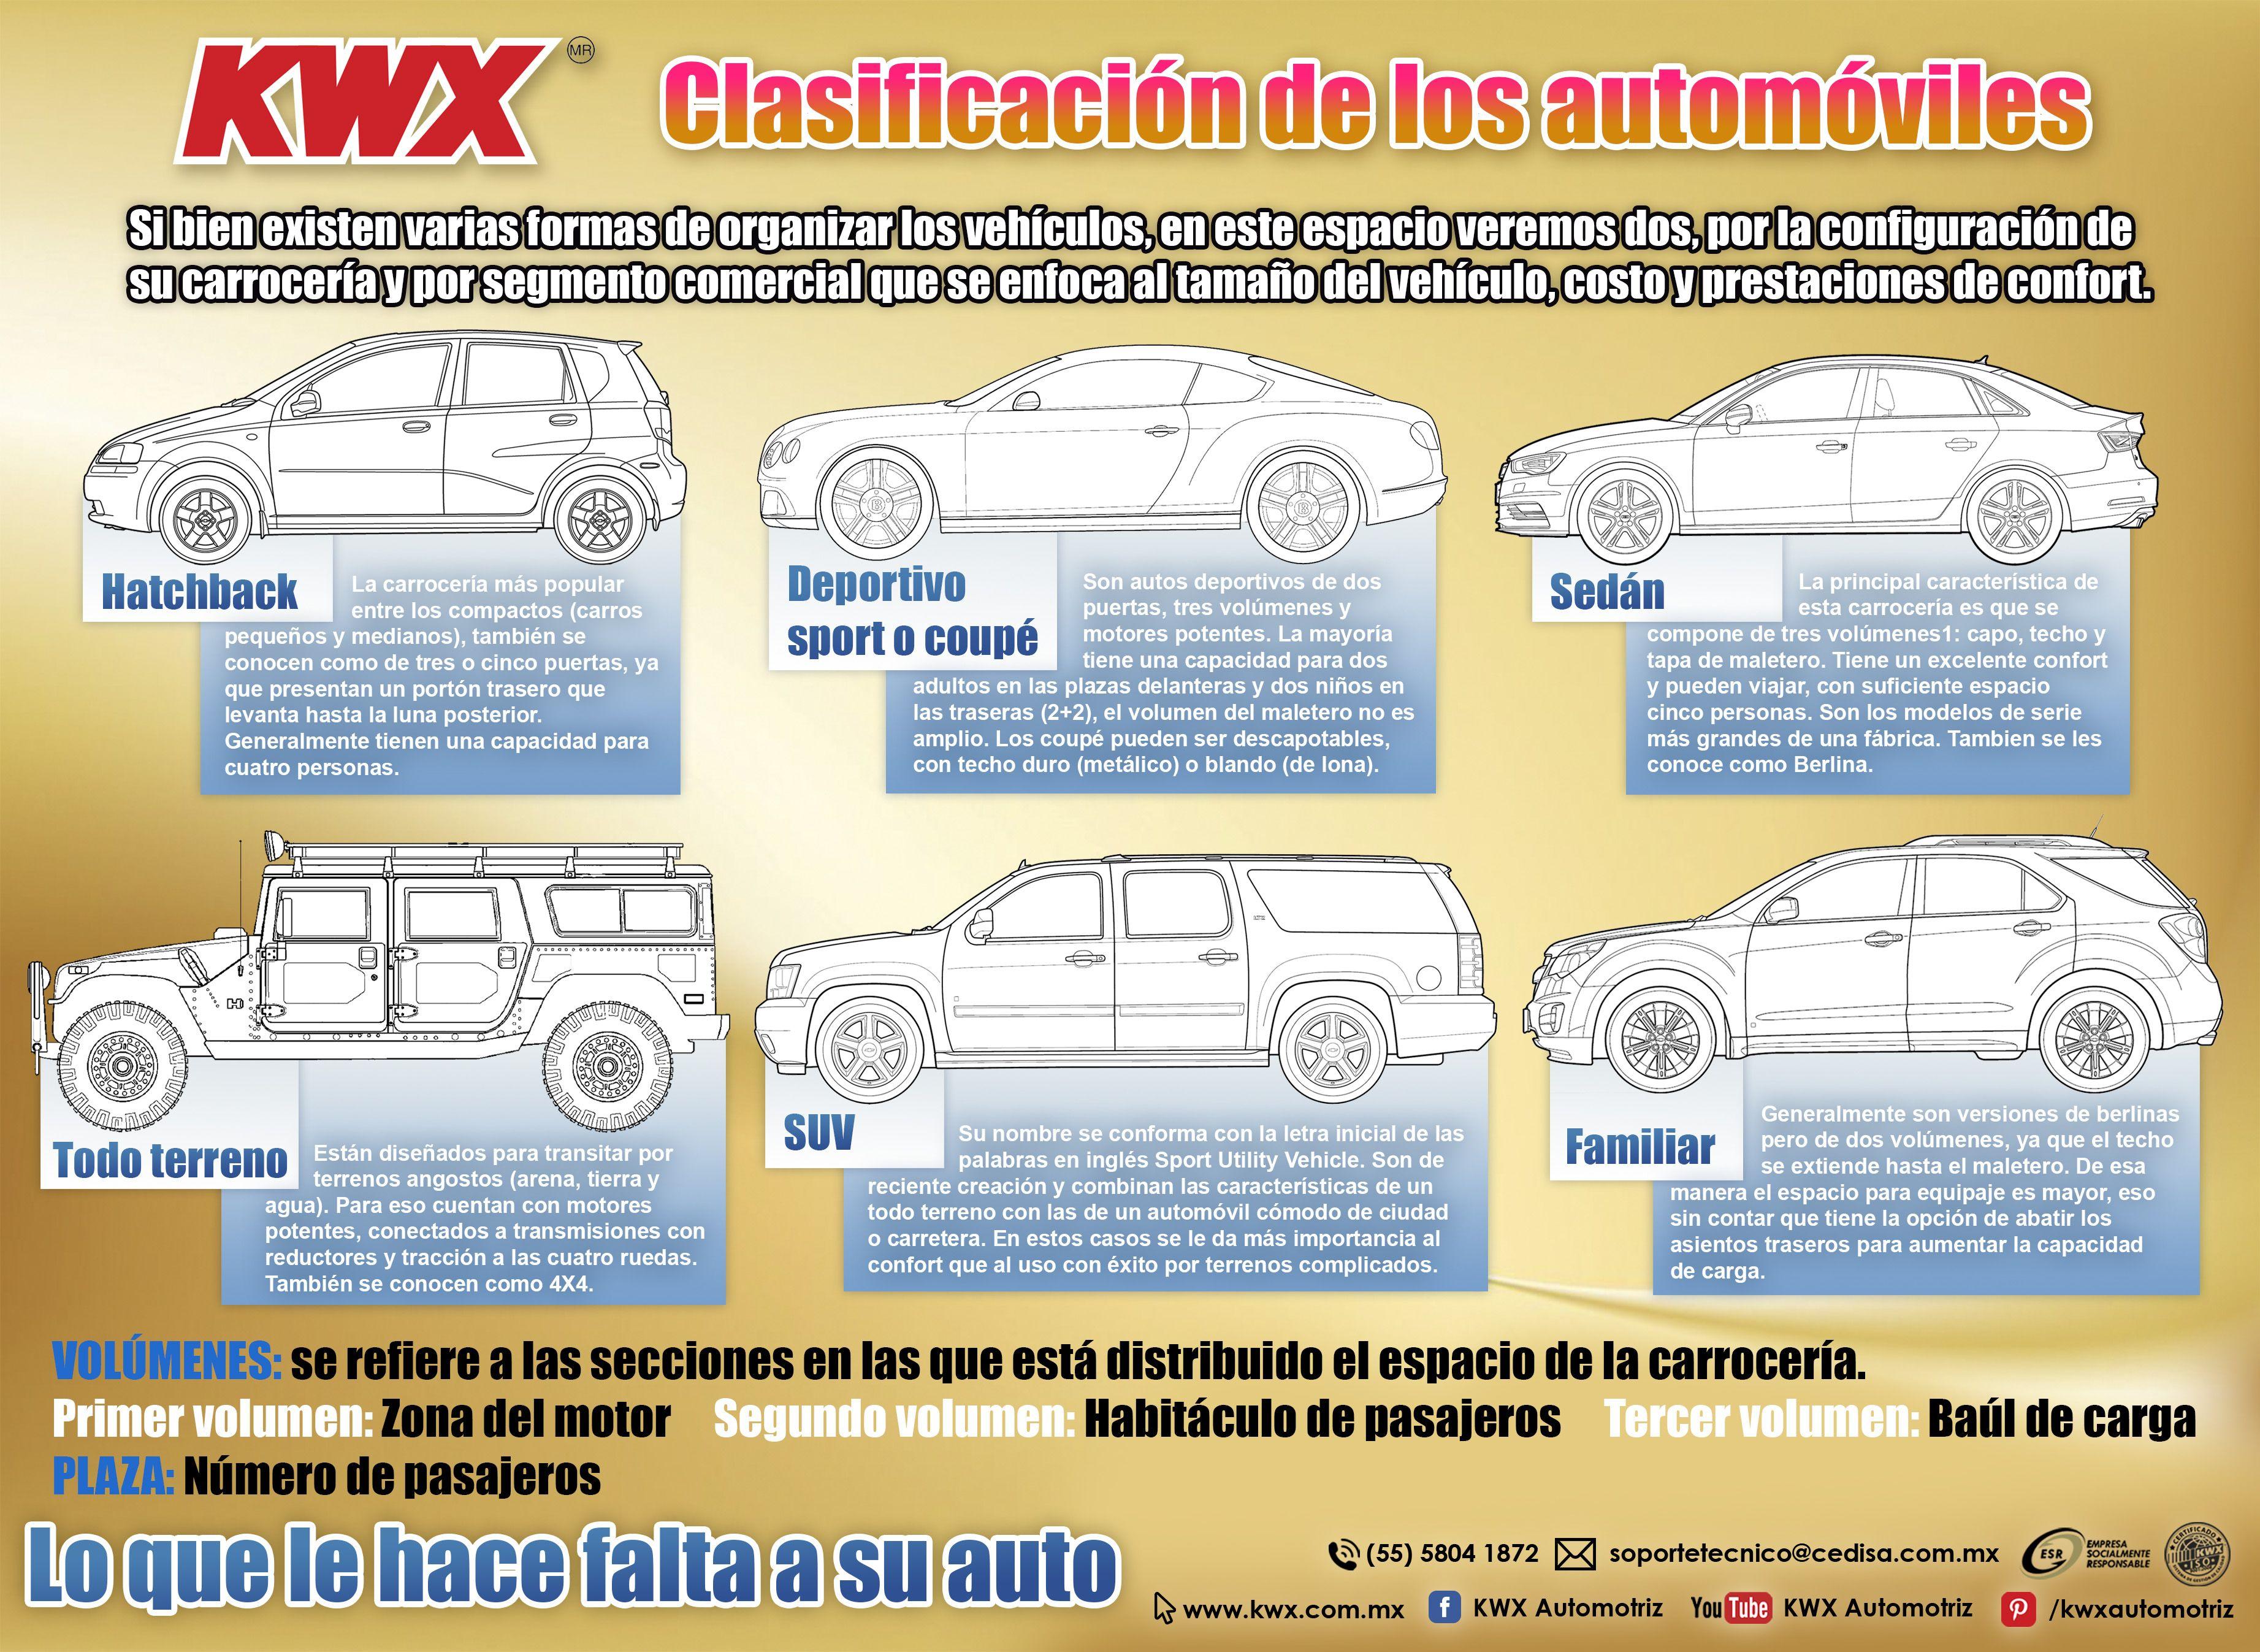 KWX. Clasificación de los automóviles | Automoviles